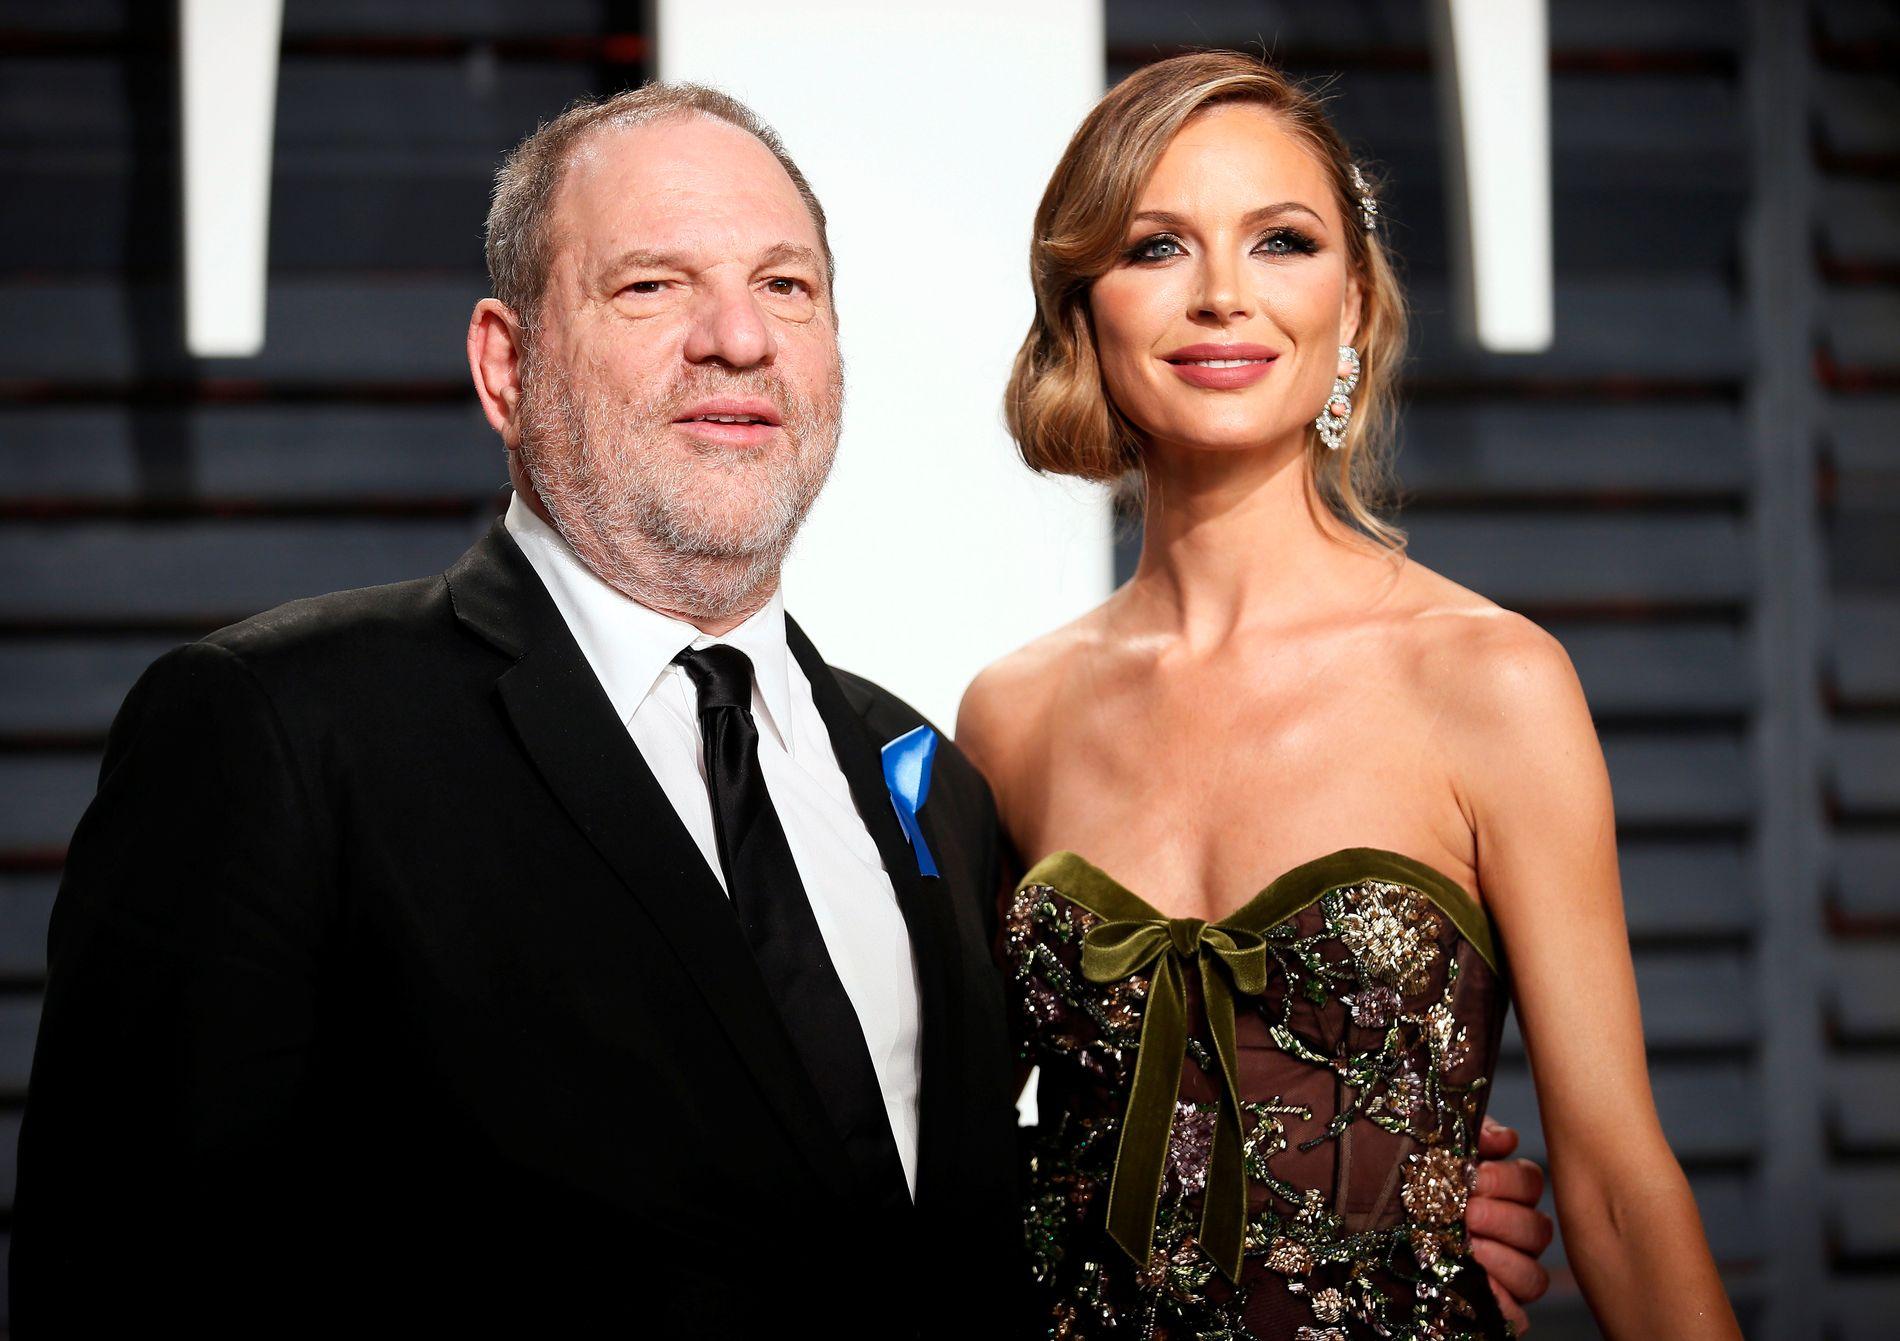 STJERNEPAR: Her er Georgina Chapman (41) og Harvey Weinstein (65) i februar i år.